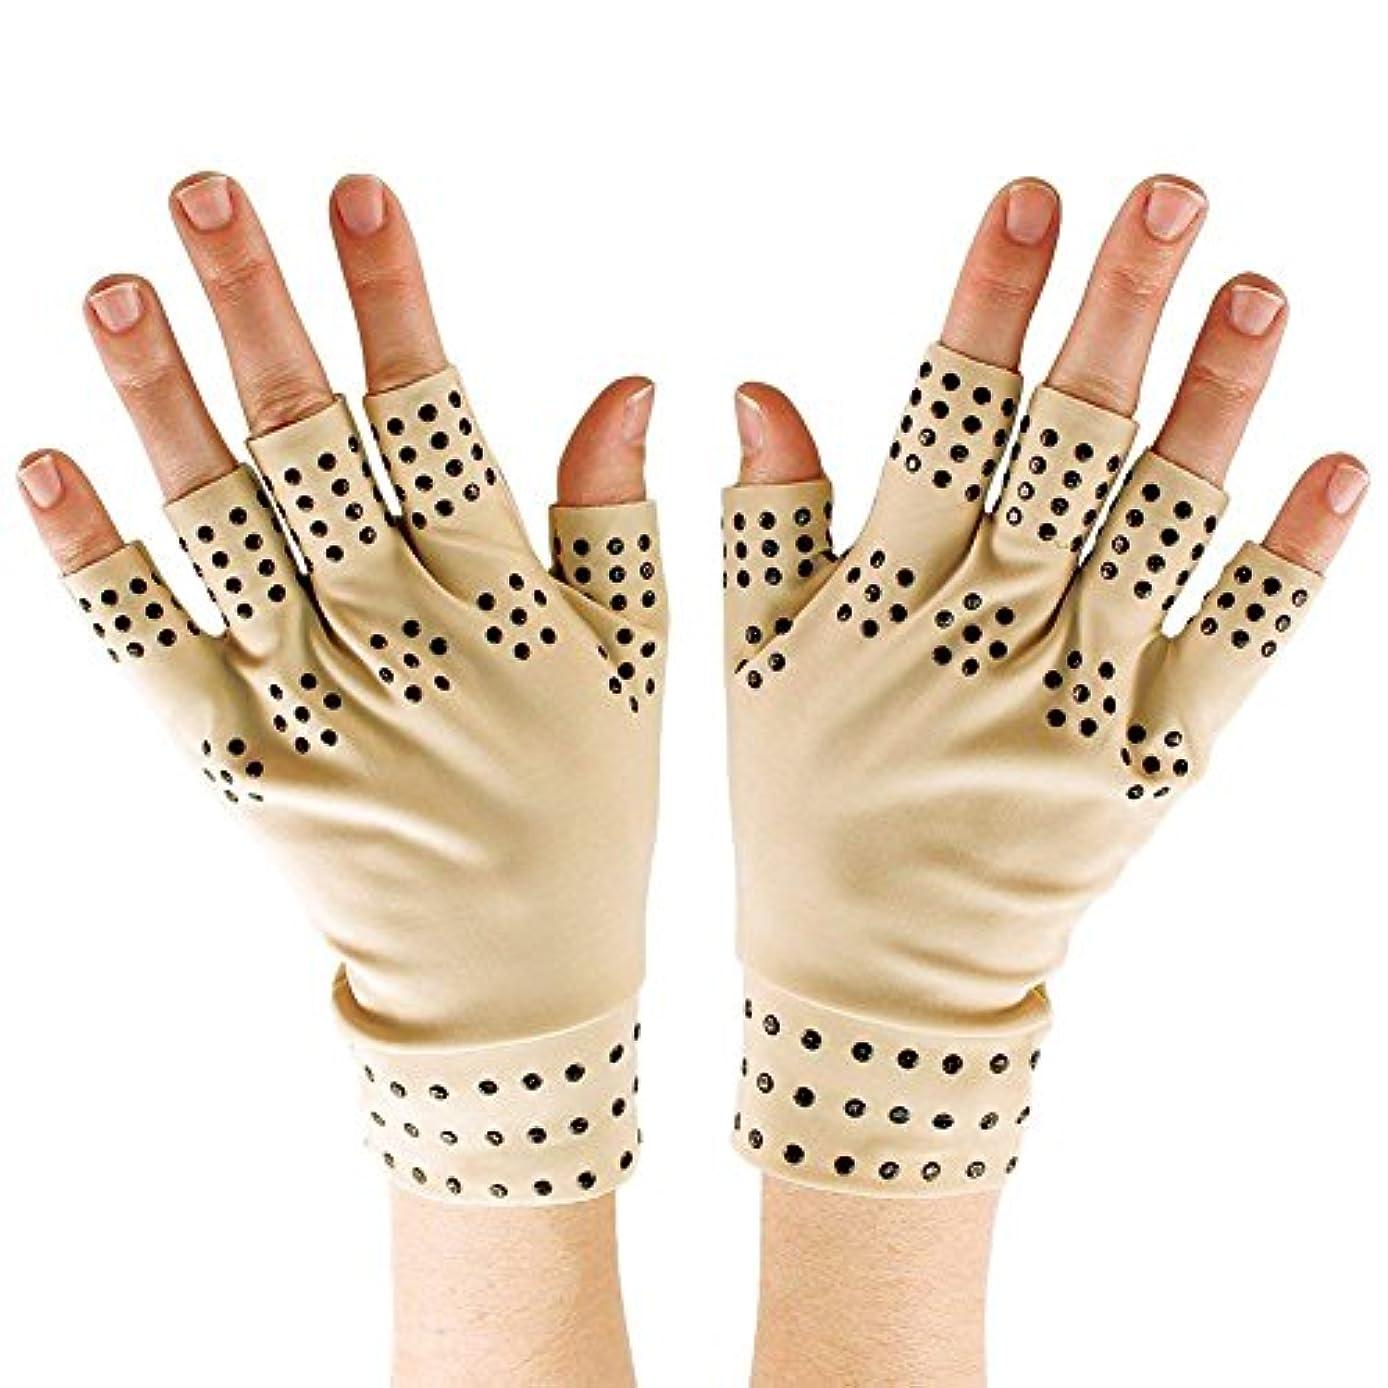 徹底リブ性差別SODIAL 磁気療法手袋の圧縮関節炎の循環 関節の治癒をサポート